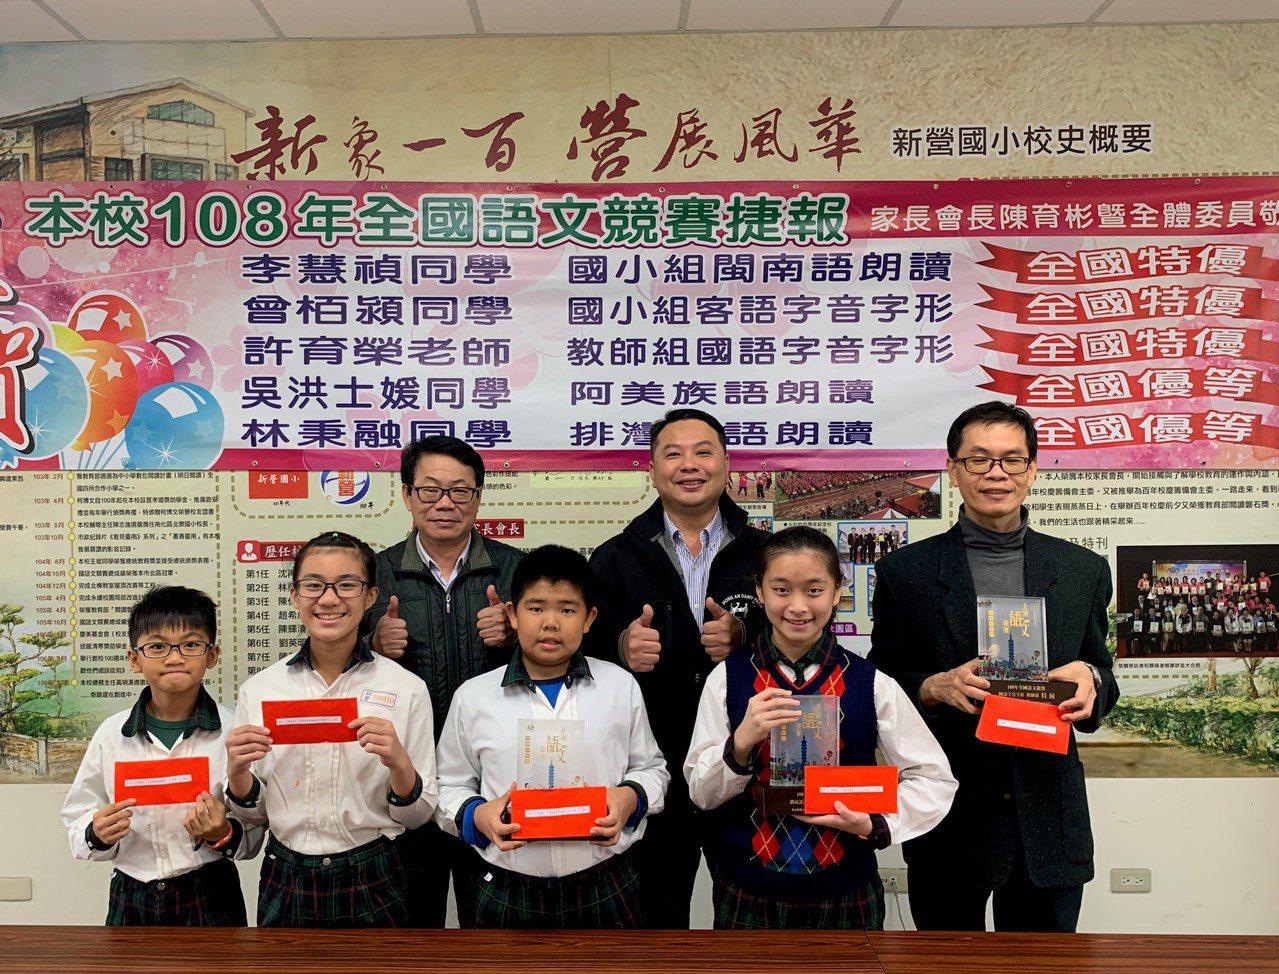 台南市新營國小校長張溪南(後排左一)、家長會長育彬(後排右一)和得獎五名師生。圖...